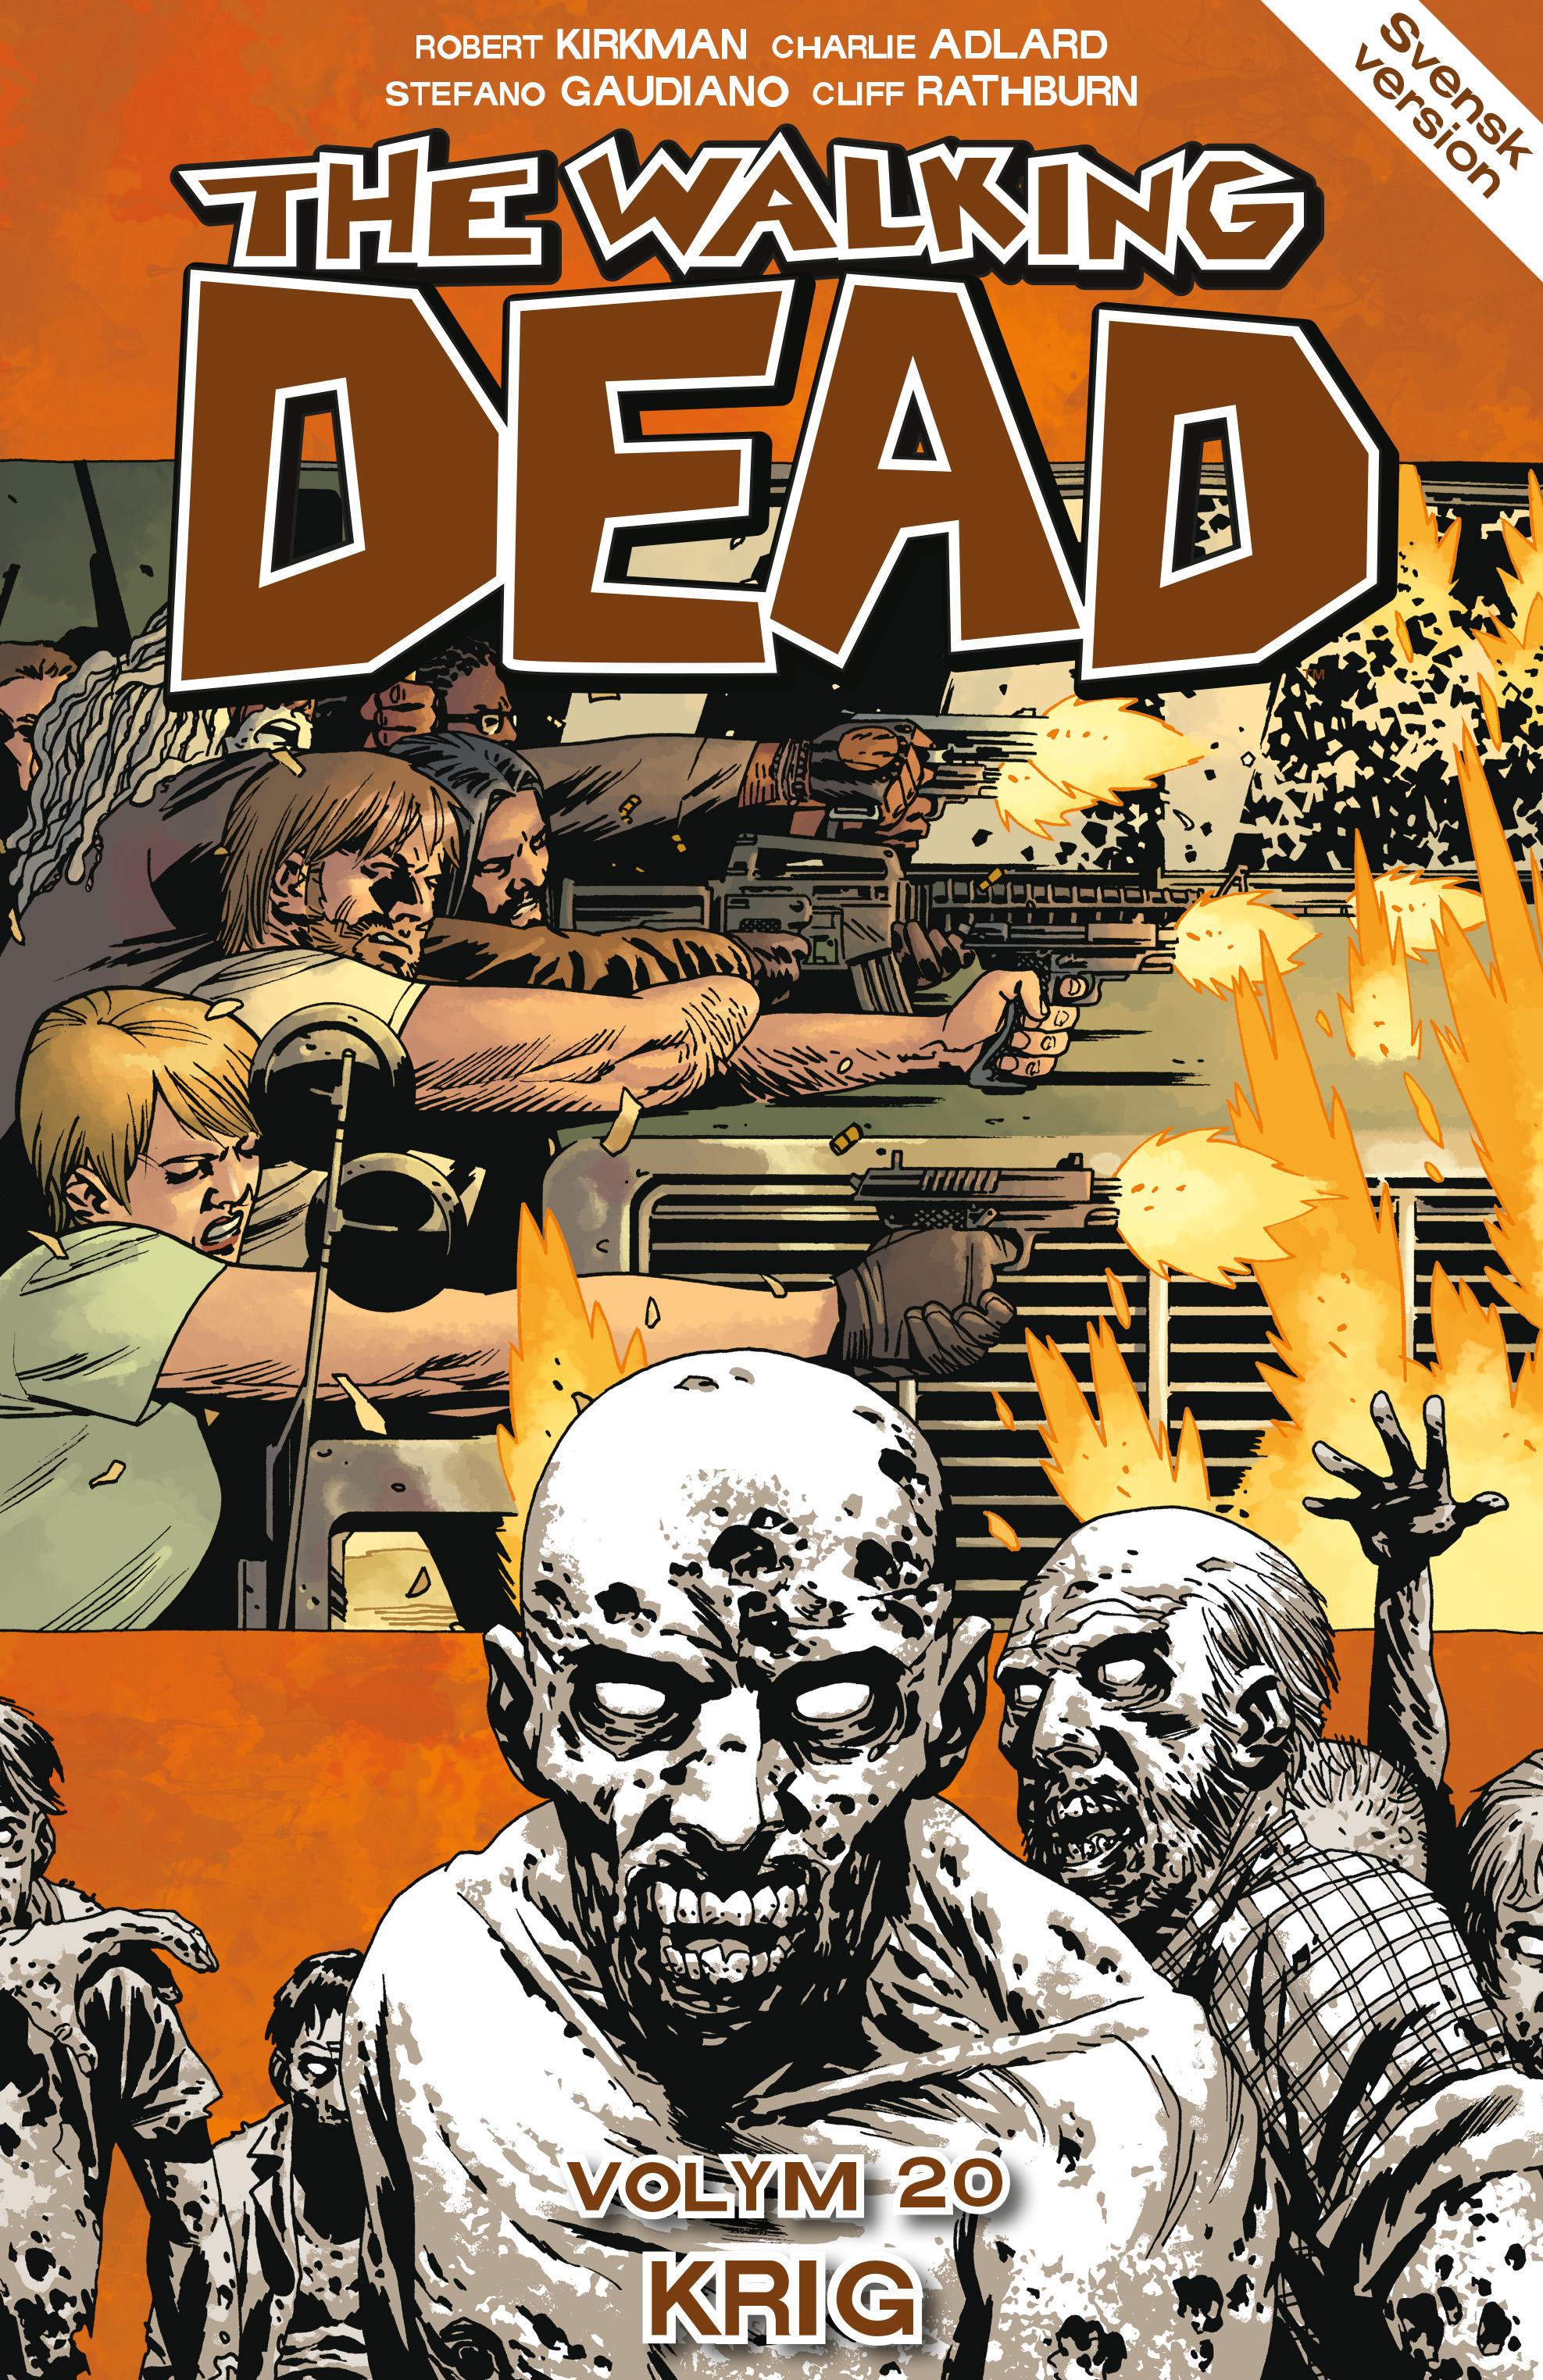 The Walking Dead volym 20. Krig av Robert Kirkman